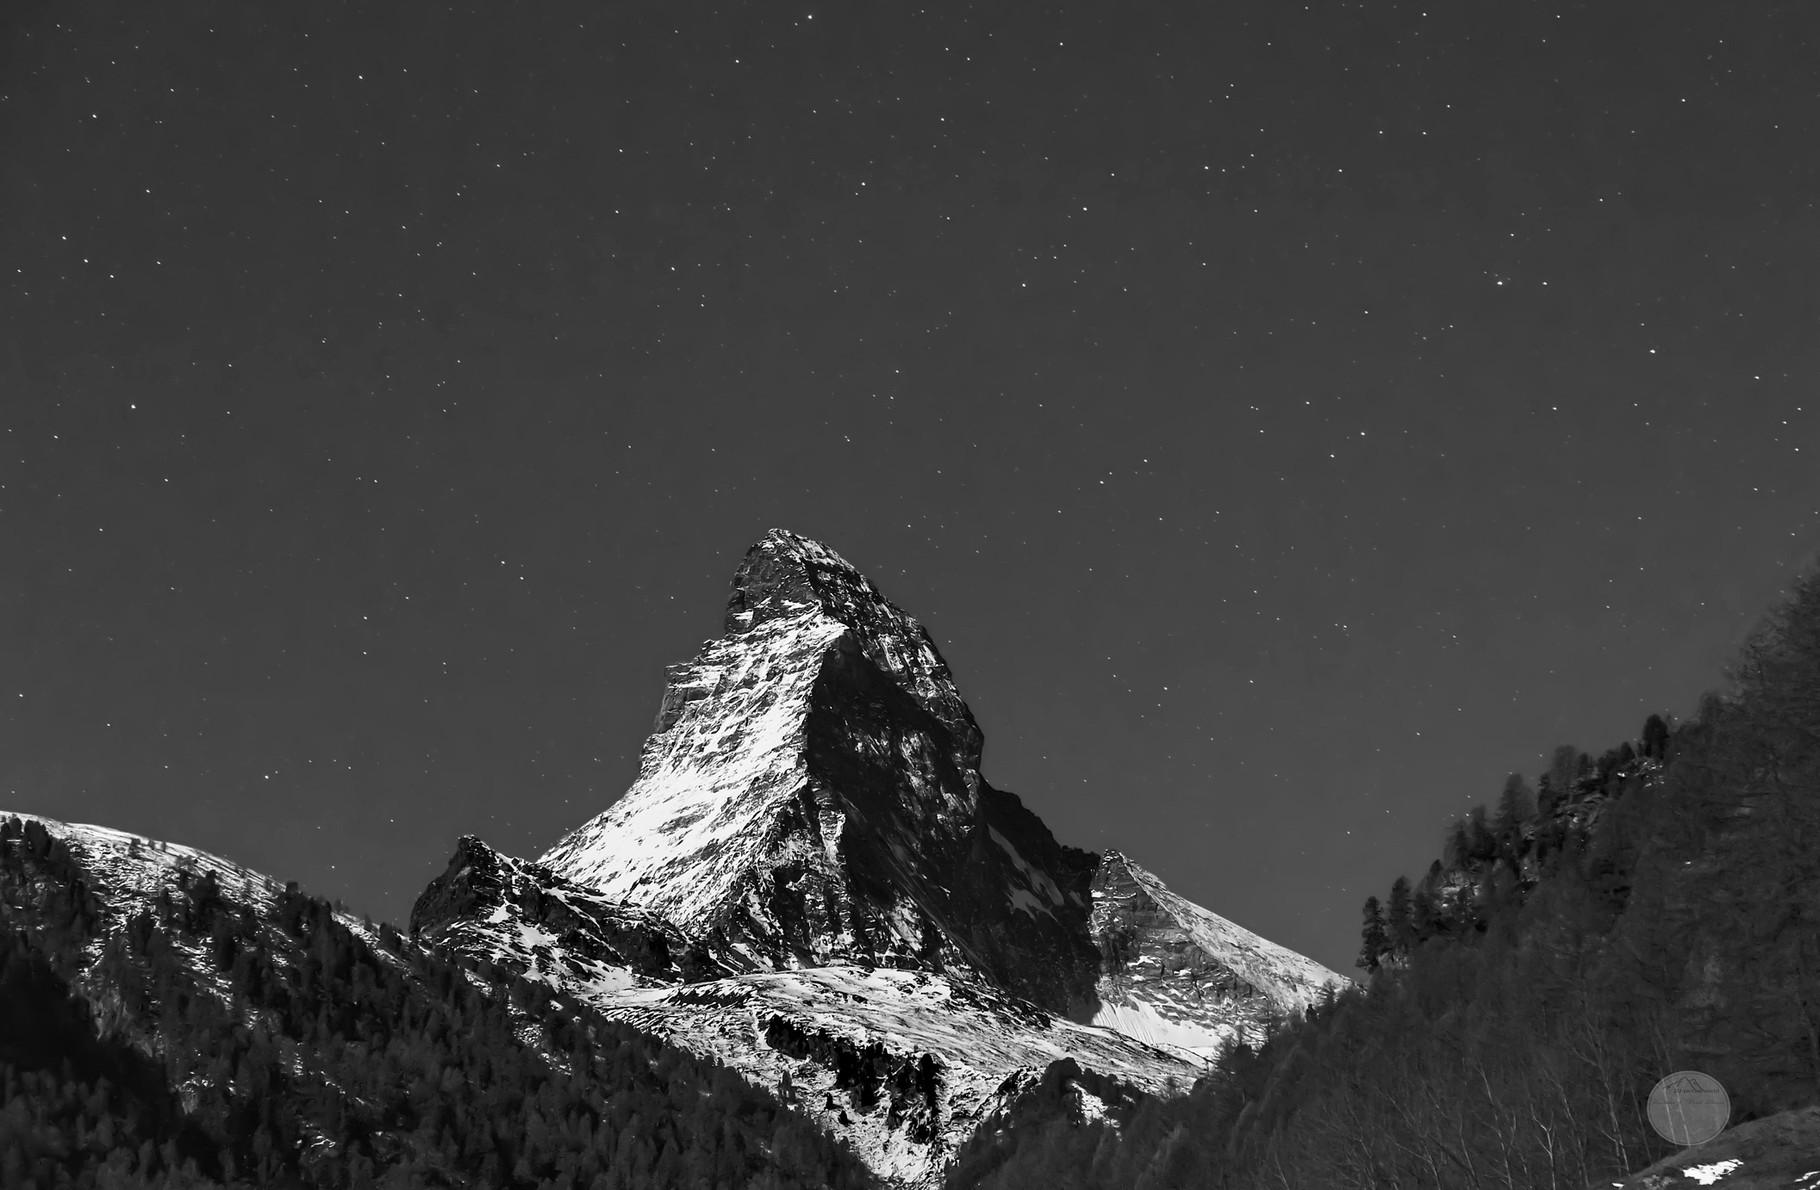 """Bild: Matterhorn bei Nacht in schwarz-weiß, Zermatt, Schweiz, """"clear moonlight night"""", www.2u-pictureworld.de"""